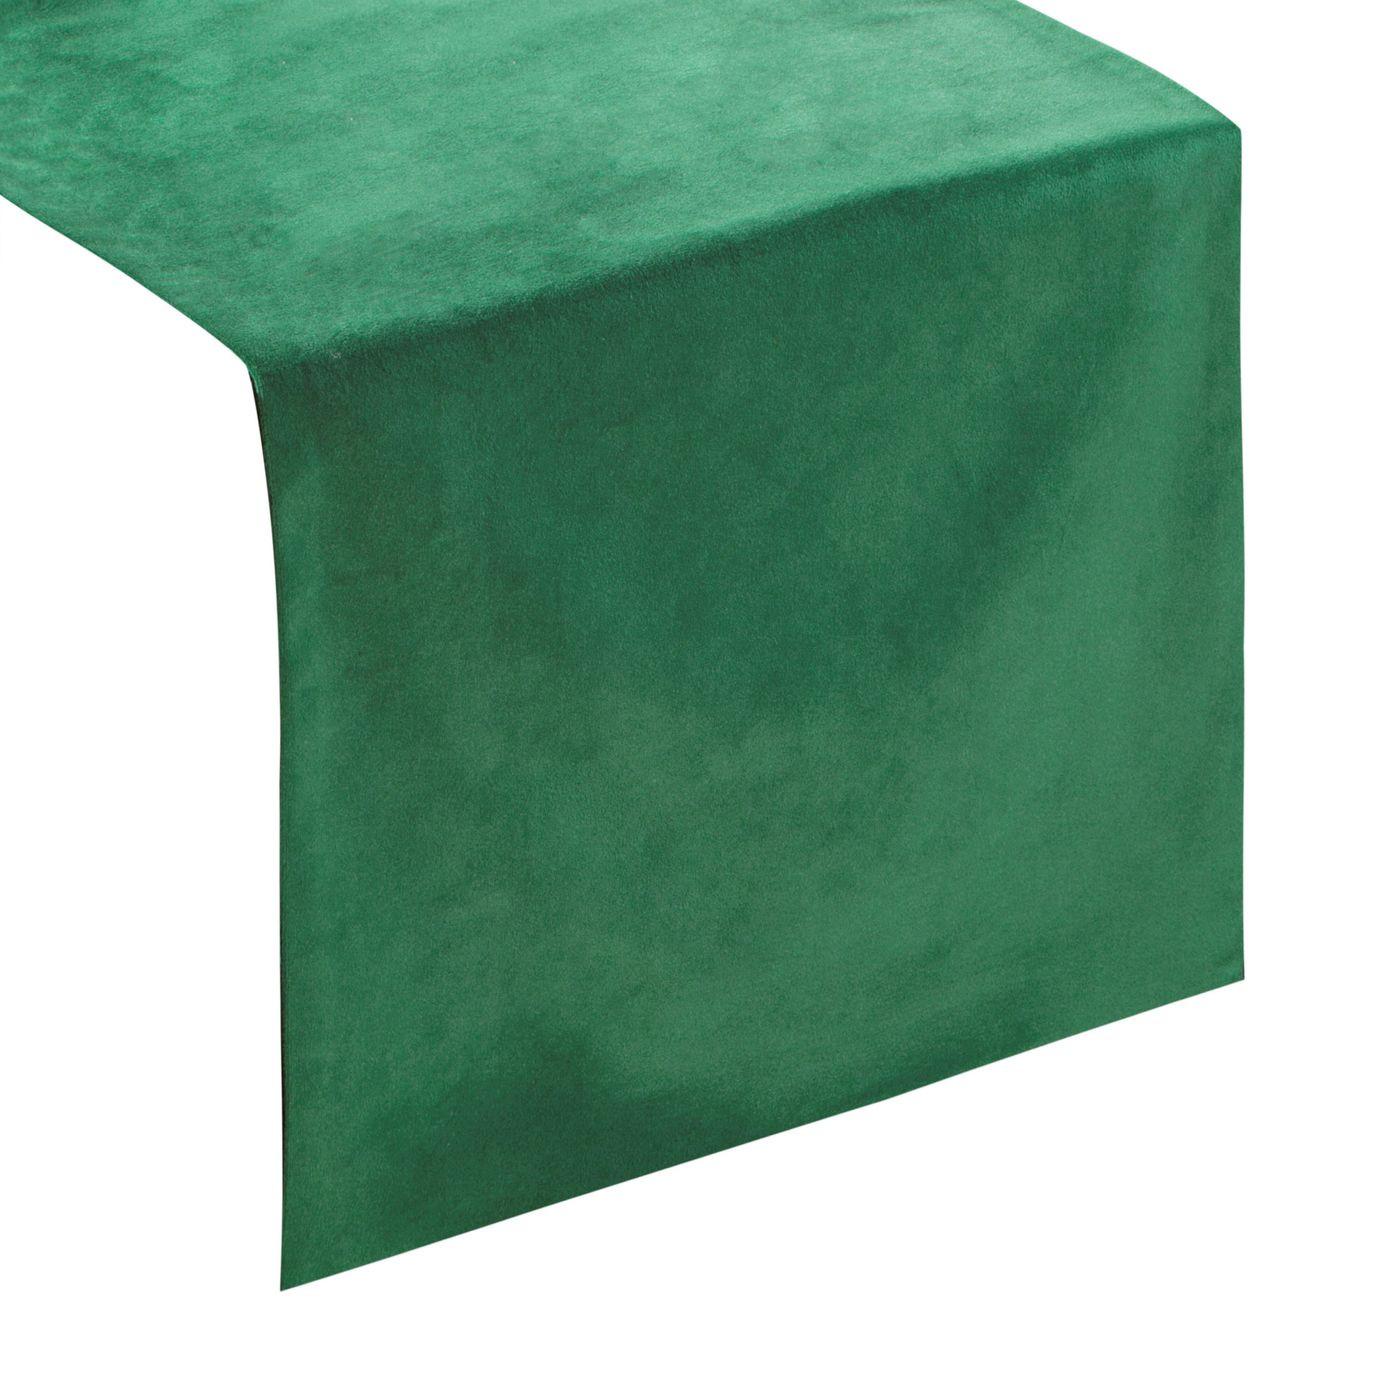 Ciemny zielony bieżnik z welwetu do jadalni 35x140 cm